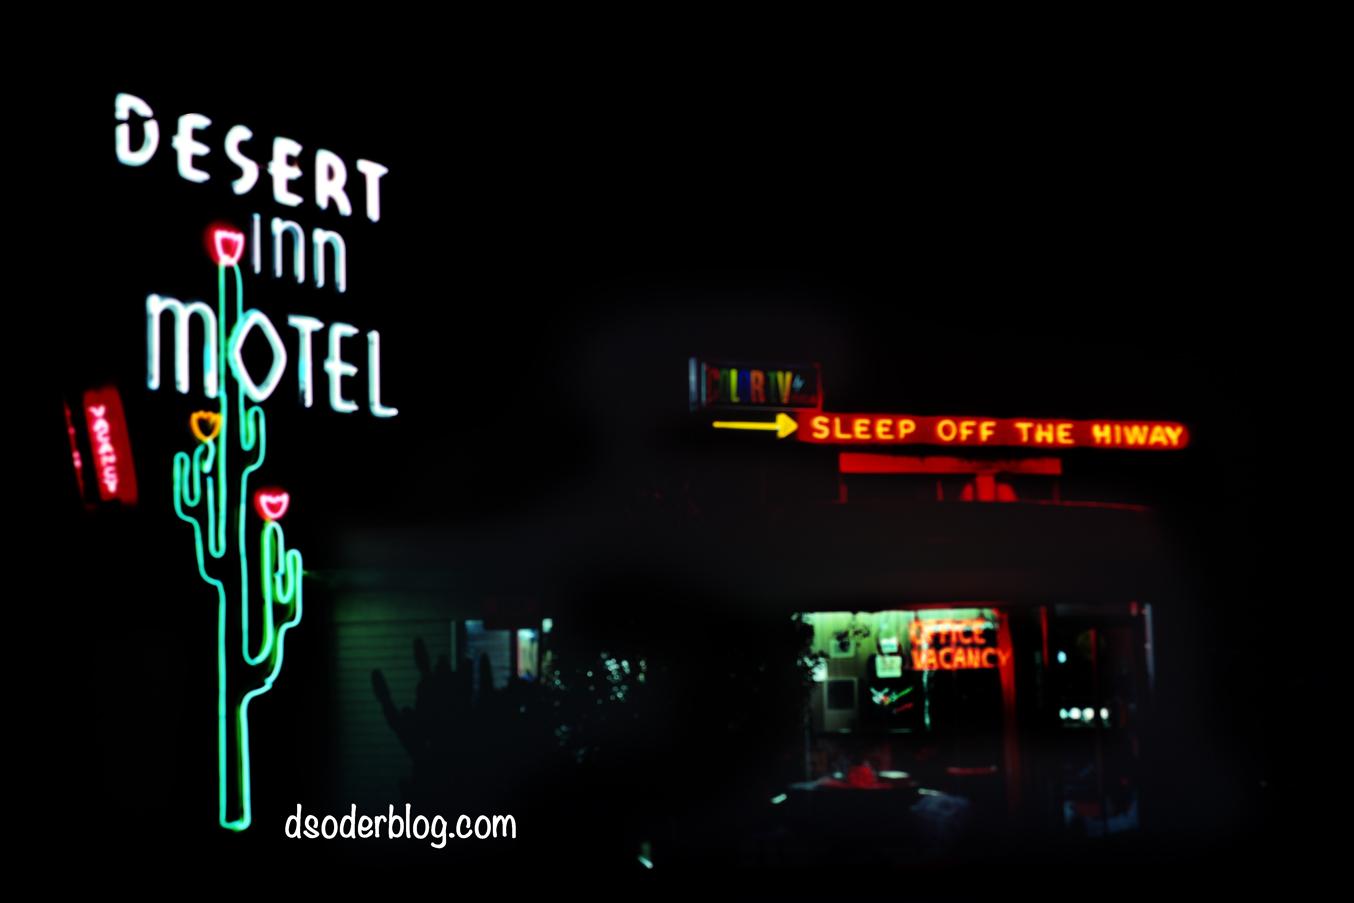 Desert Inn Motel Rescan